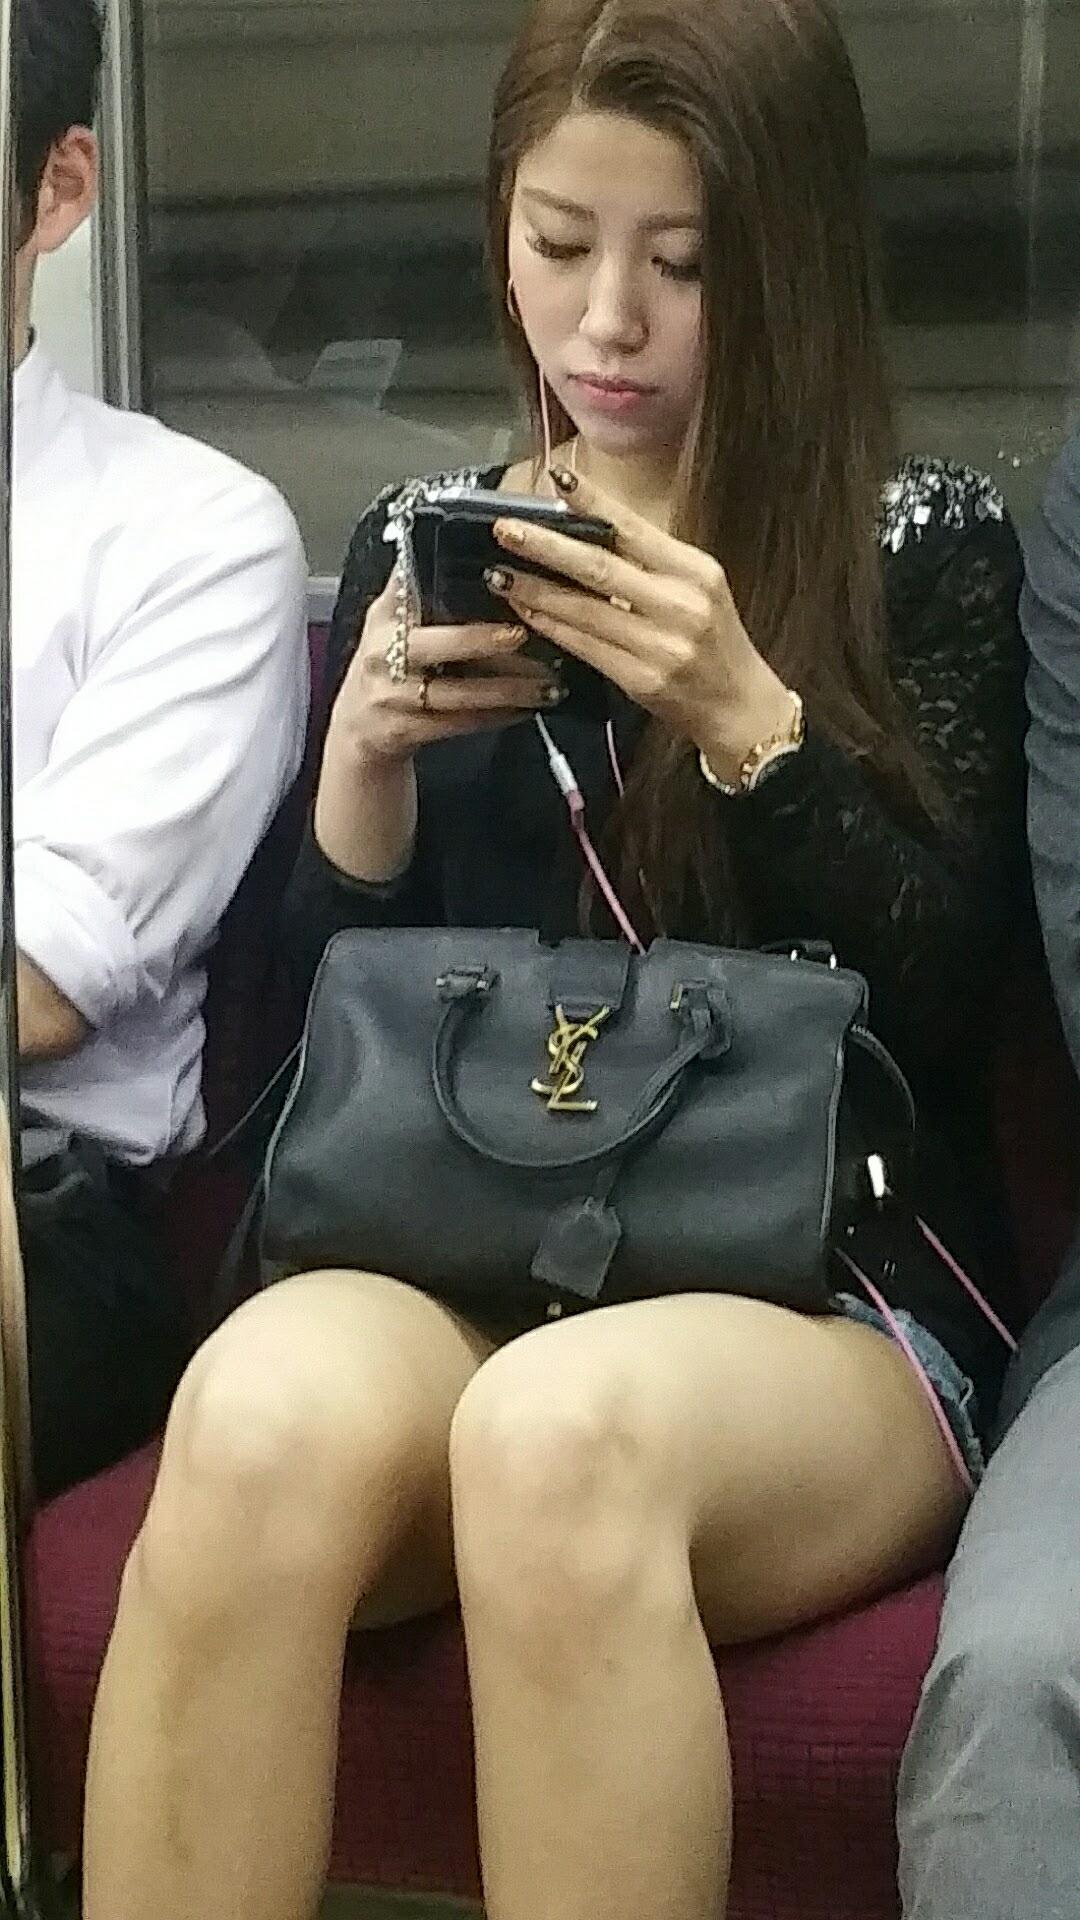 電車内で素人の無防備な太ももがエロ過ぎて撮影したエロ画像